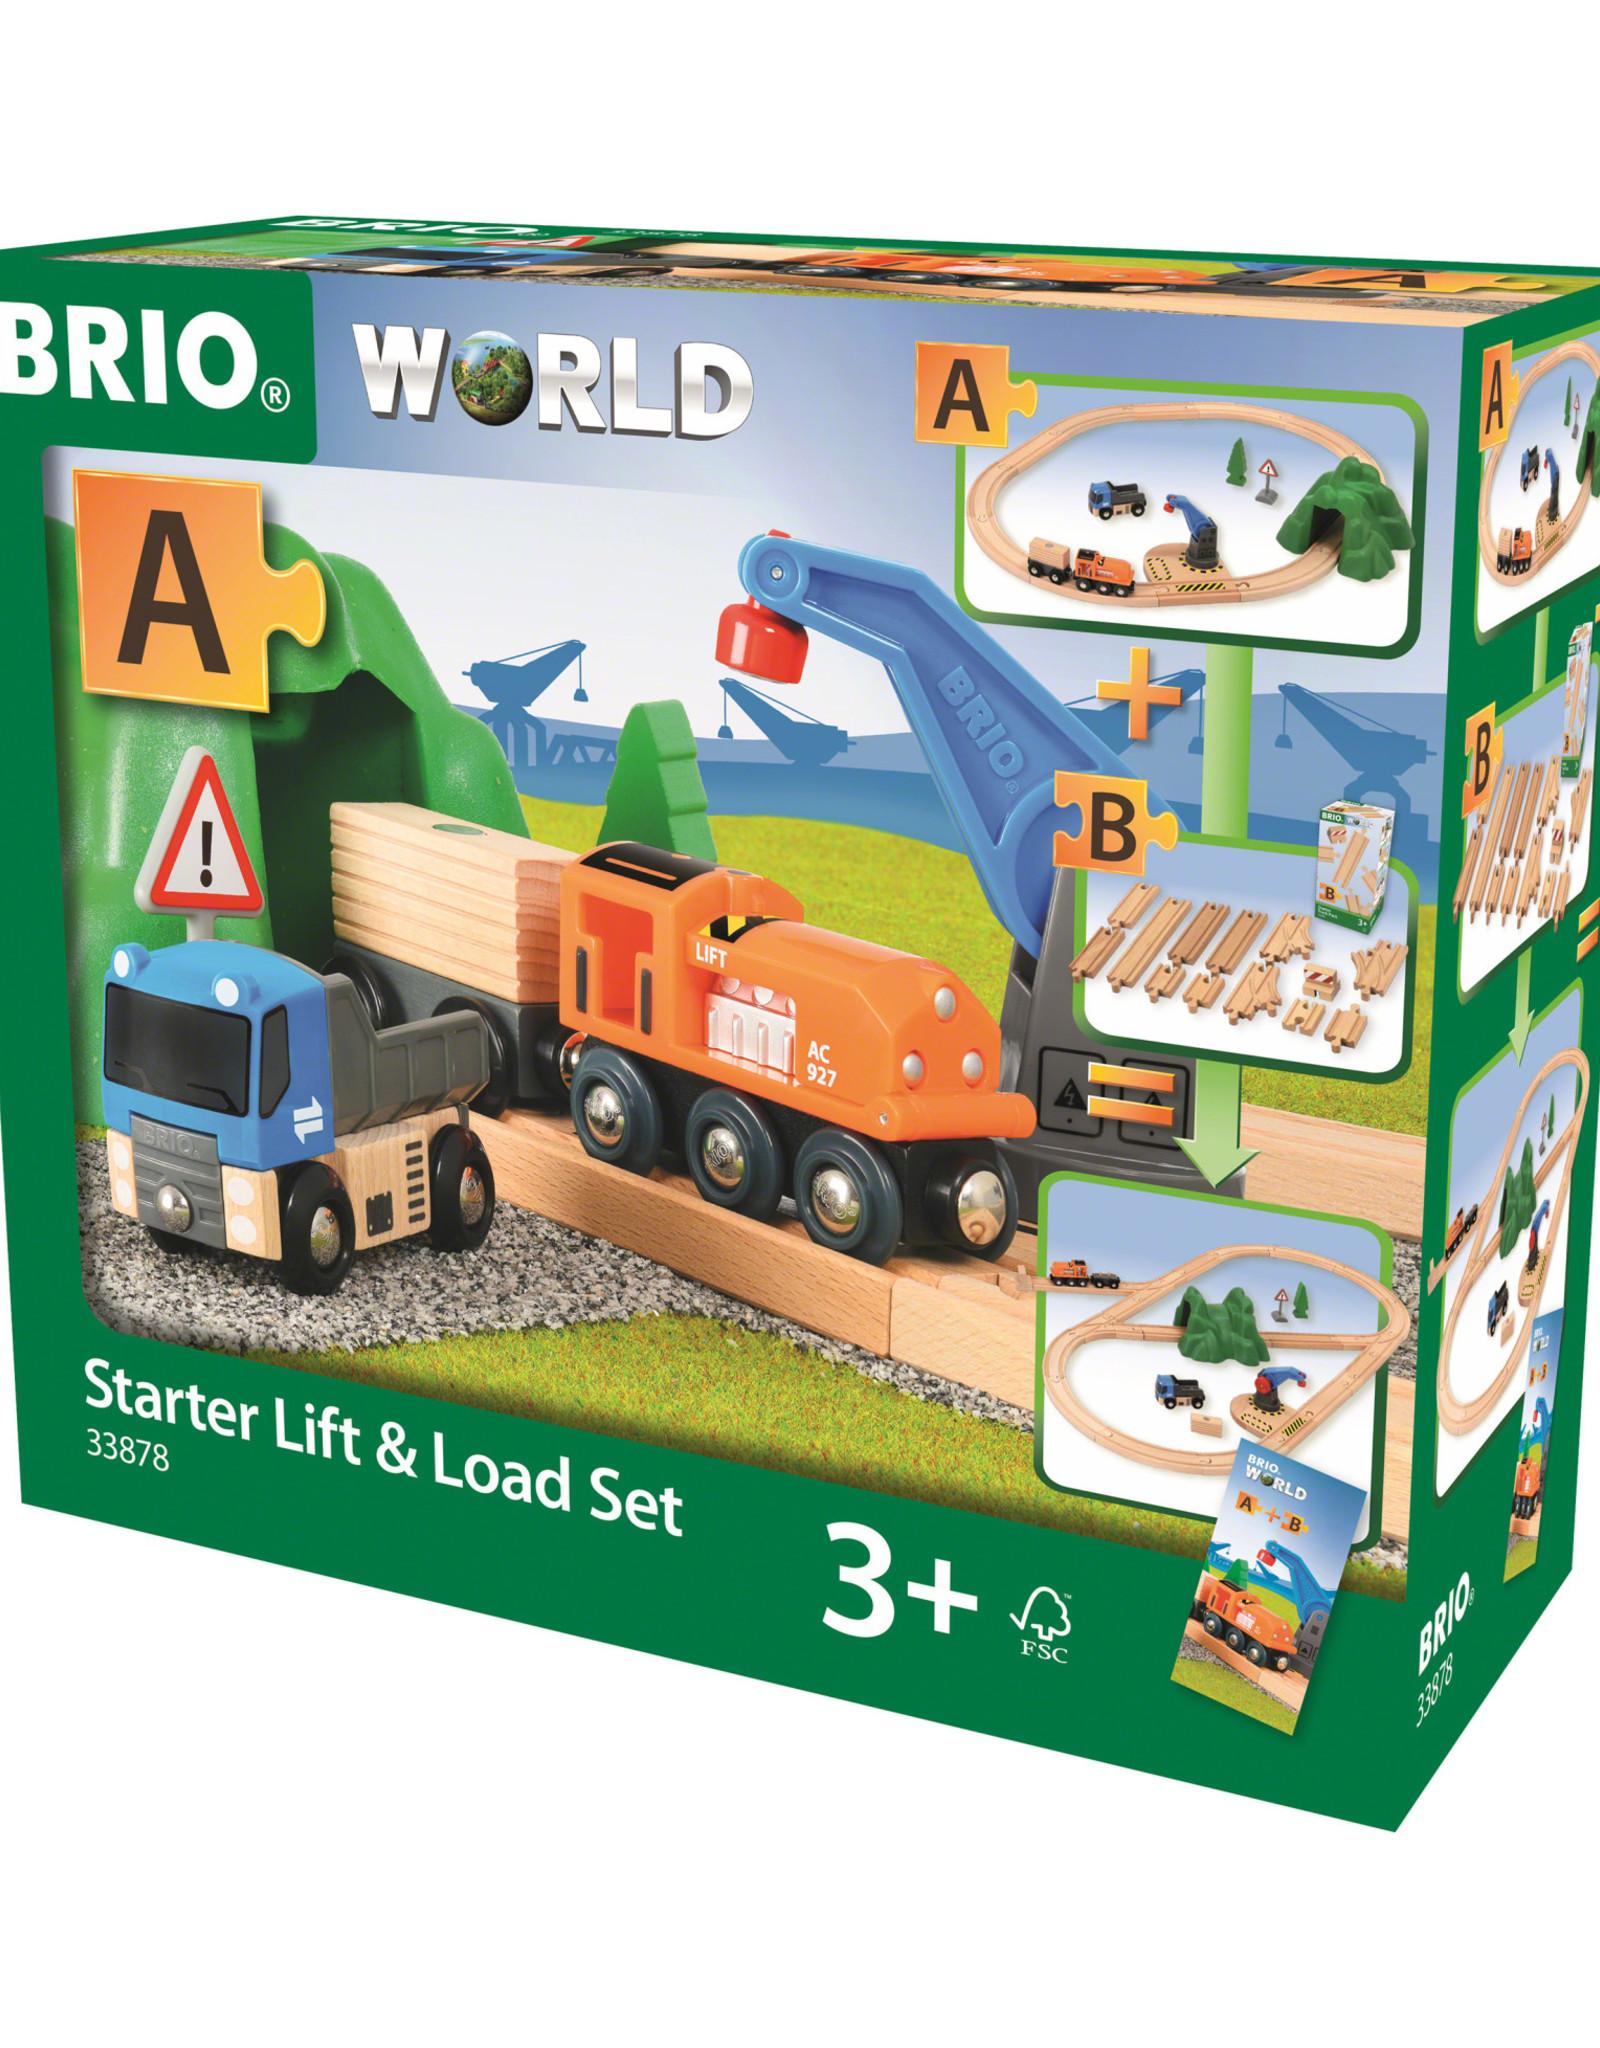 Starter Lift & Load Set